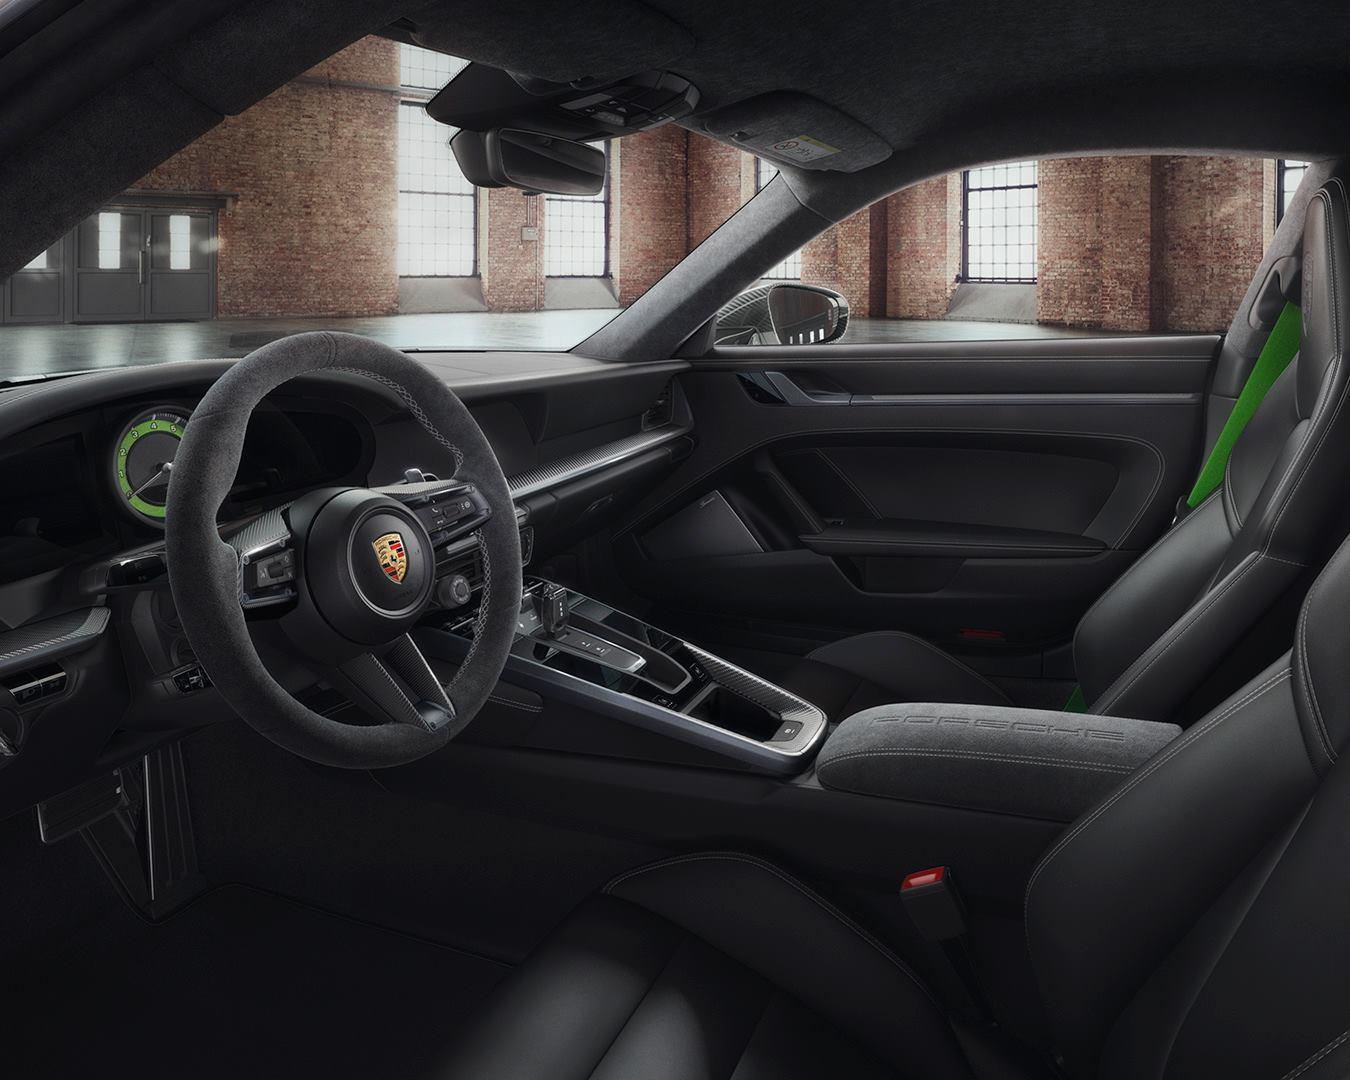 New 911 by Porsche Exclusive (3)